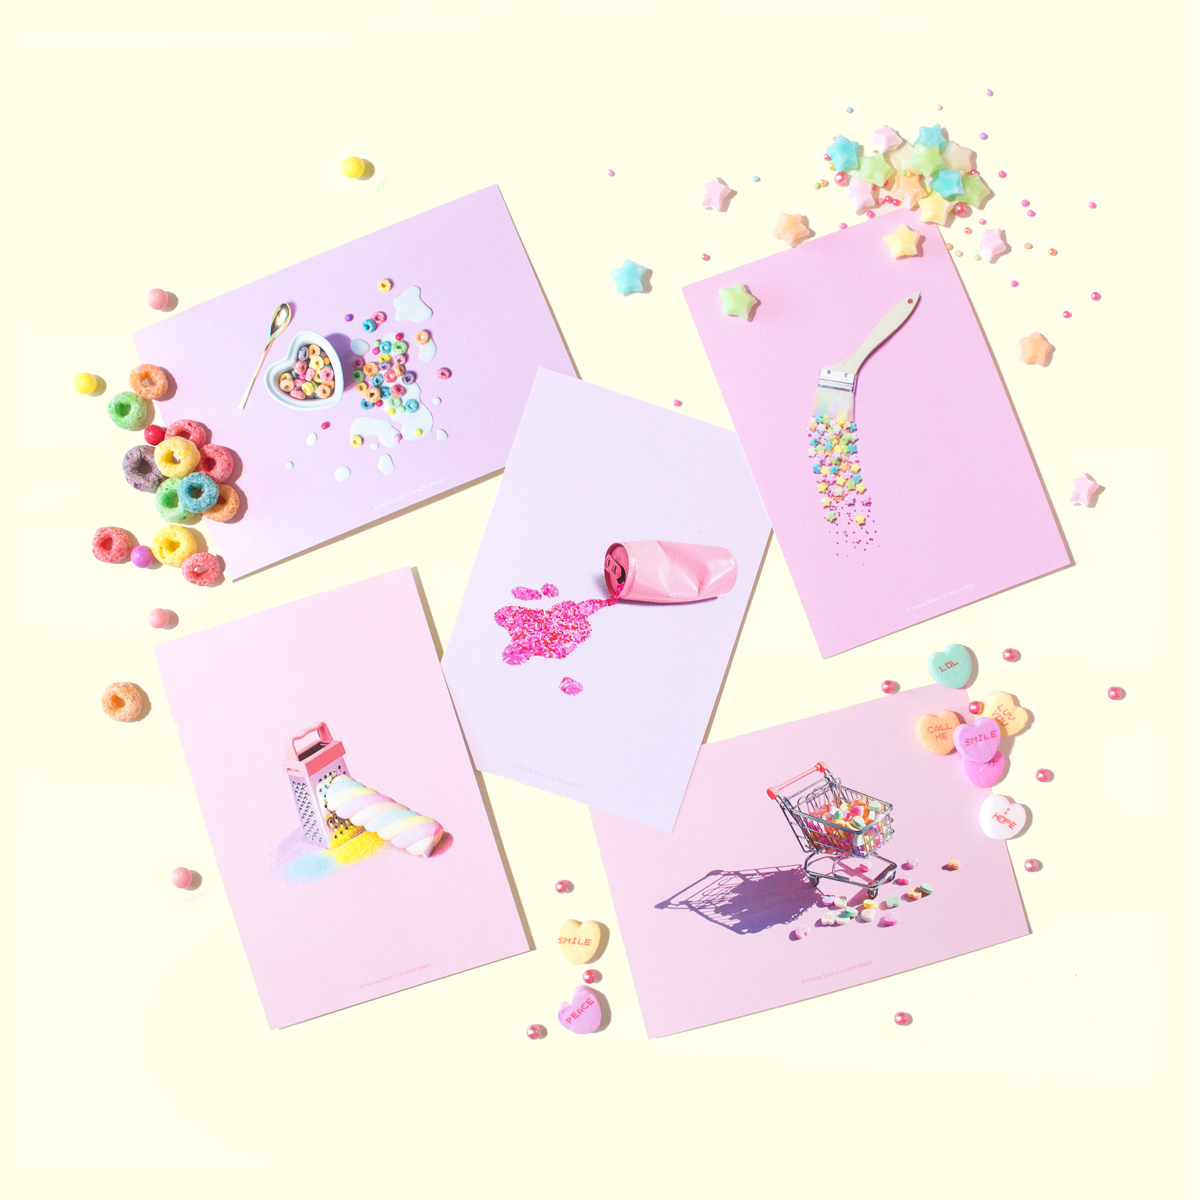 """<center>渋谷109 プリショップ""""モレルミニョン""""にてオフィシャルグッズが発売開始! <br><small>moreru mignon Official Goods</small></center>"""